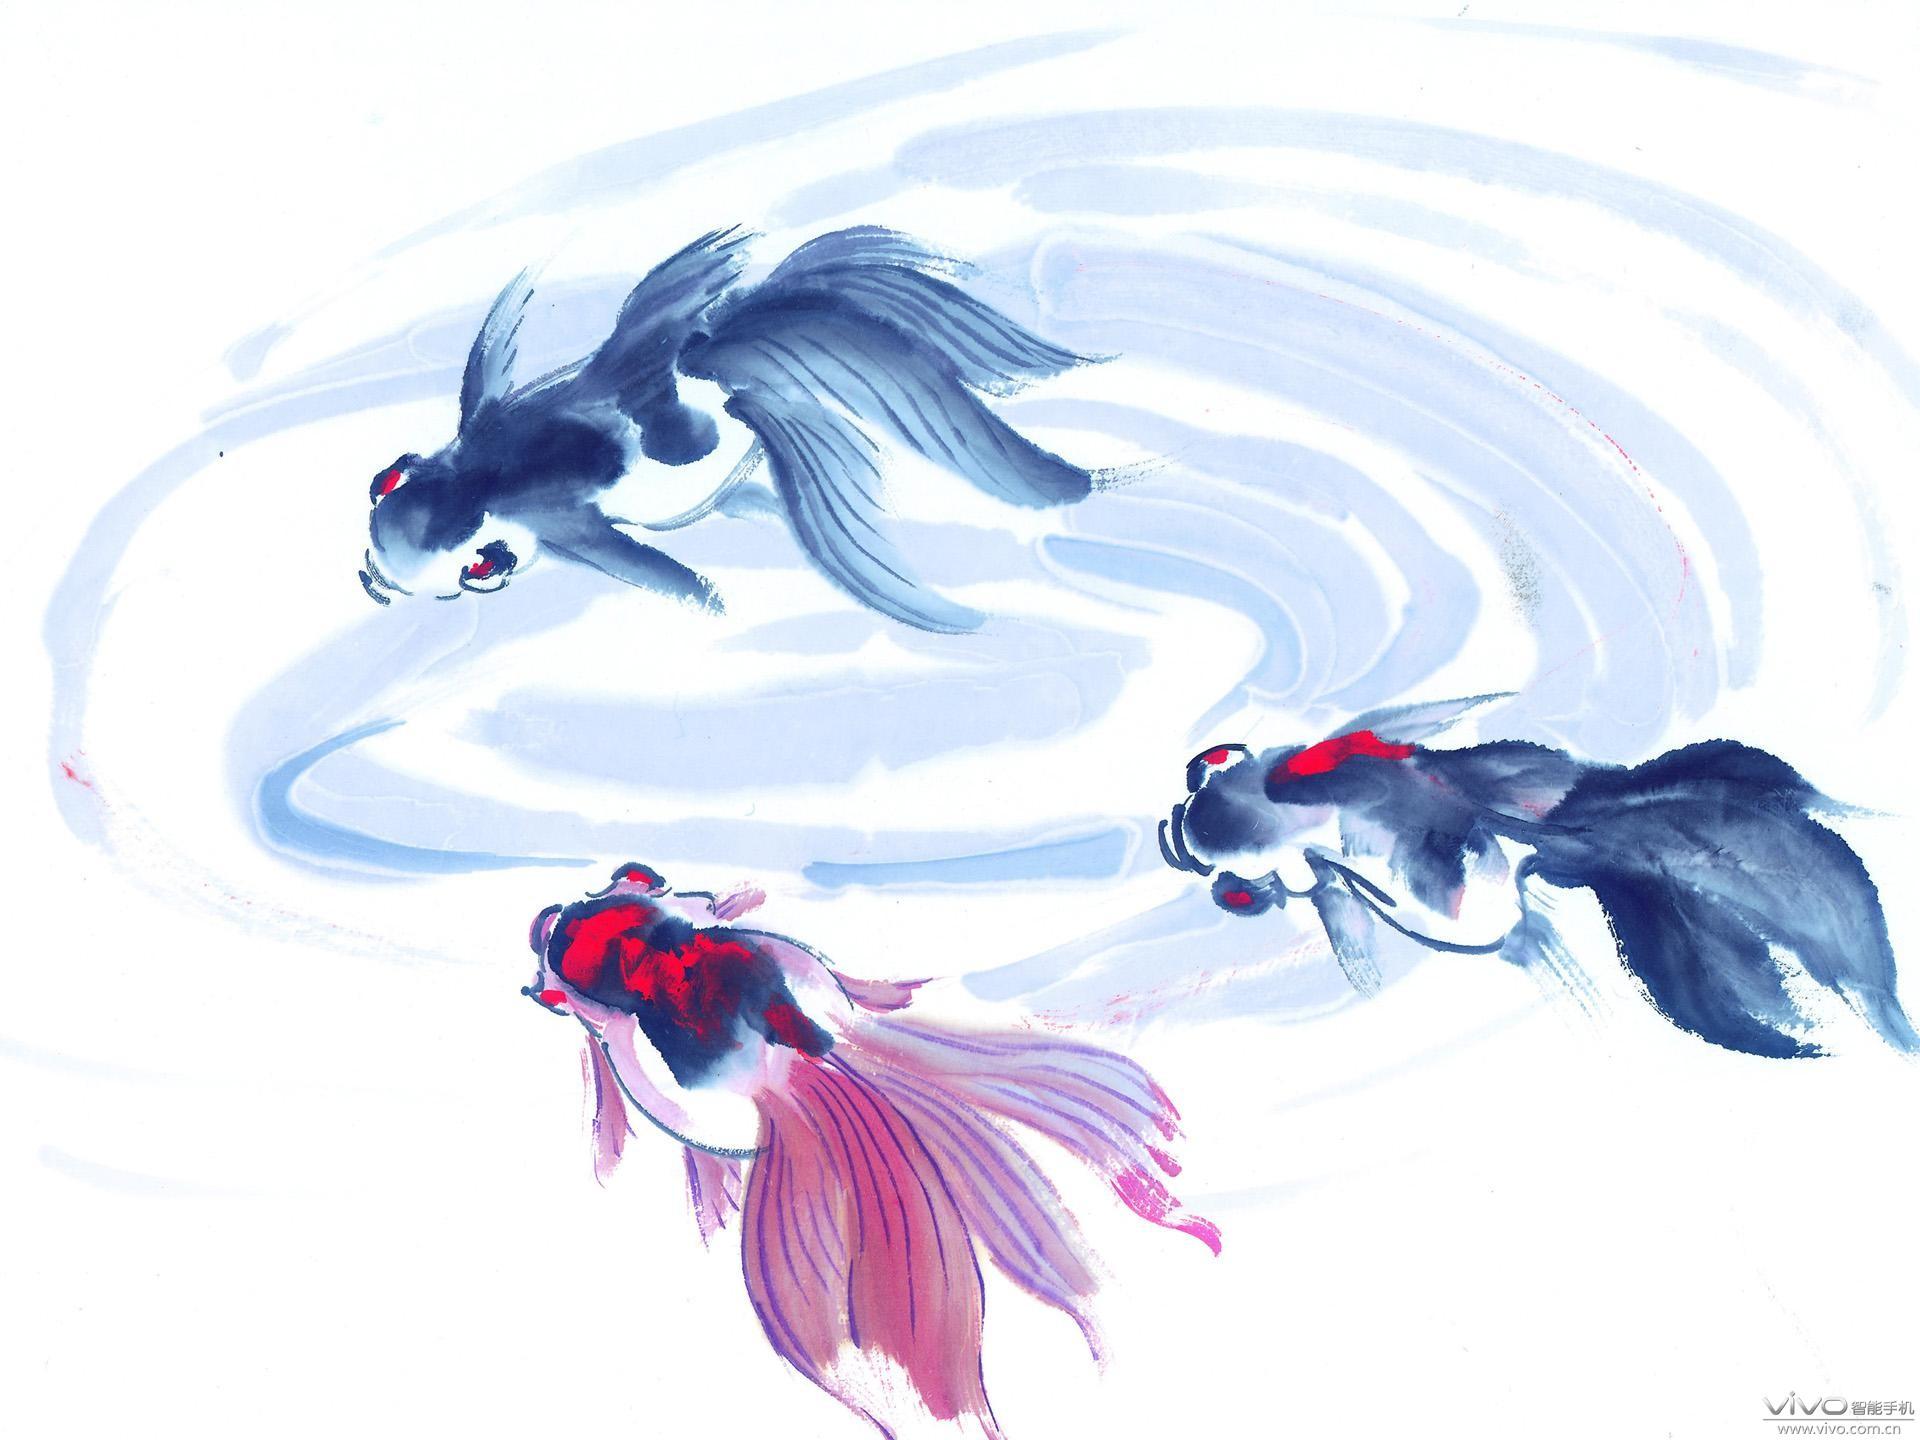 水墨画鱼儿 手机壁纸 vivo智能手机互动社区 高清图片